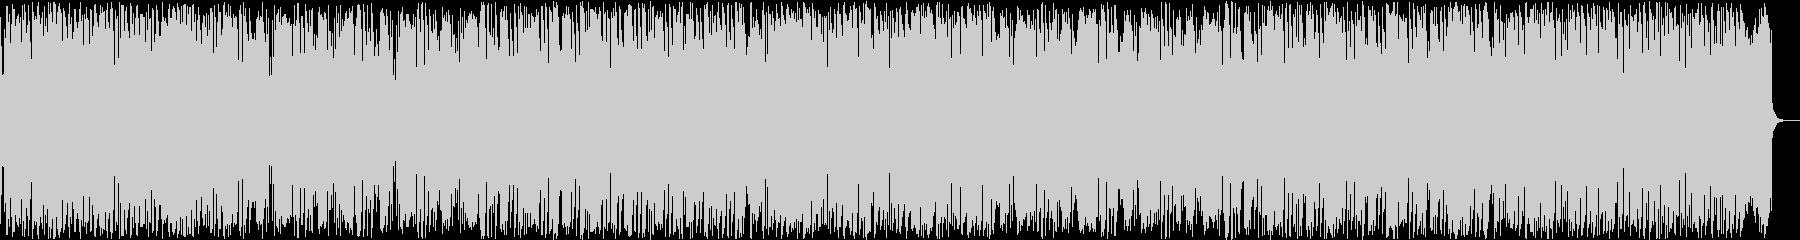 ドッキリ・パニック・楽しい・スカの未再生の波形